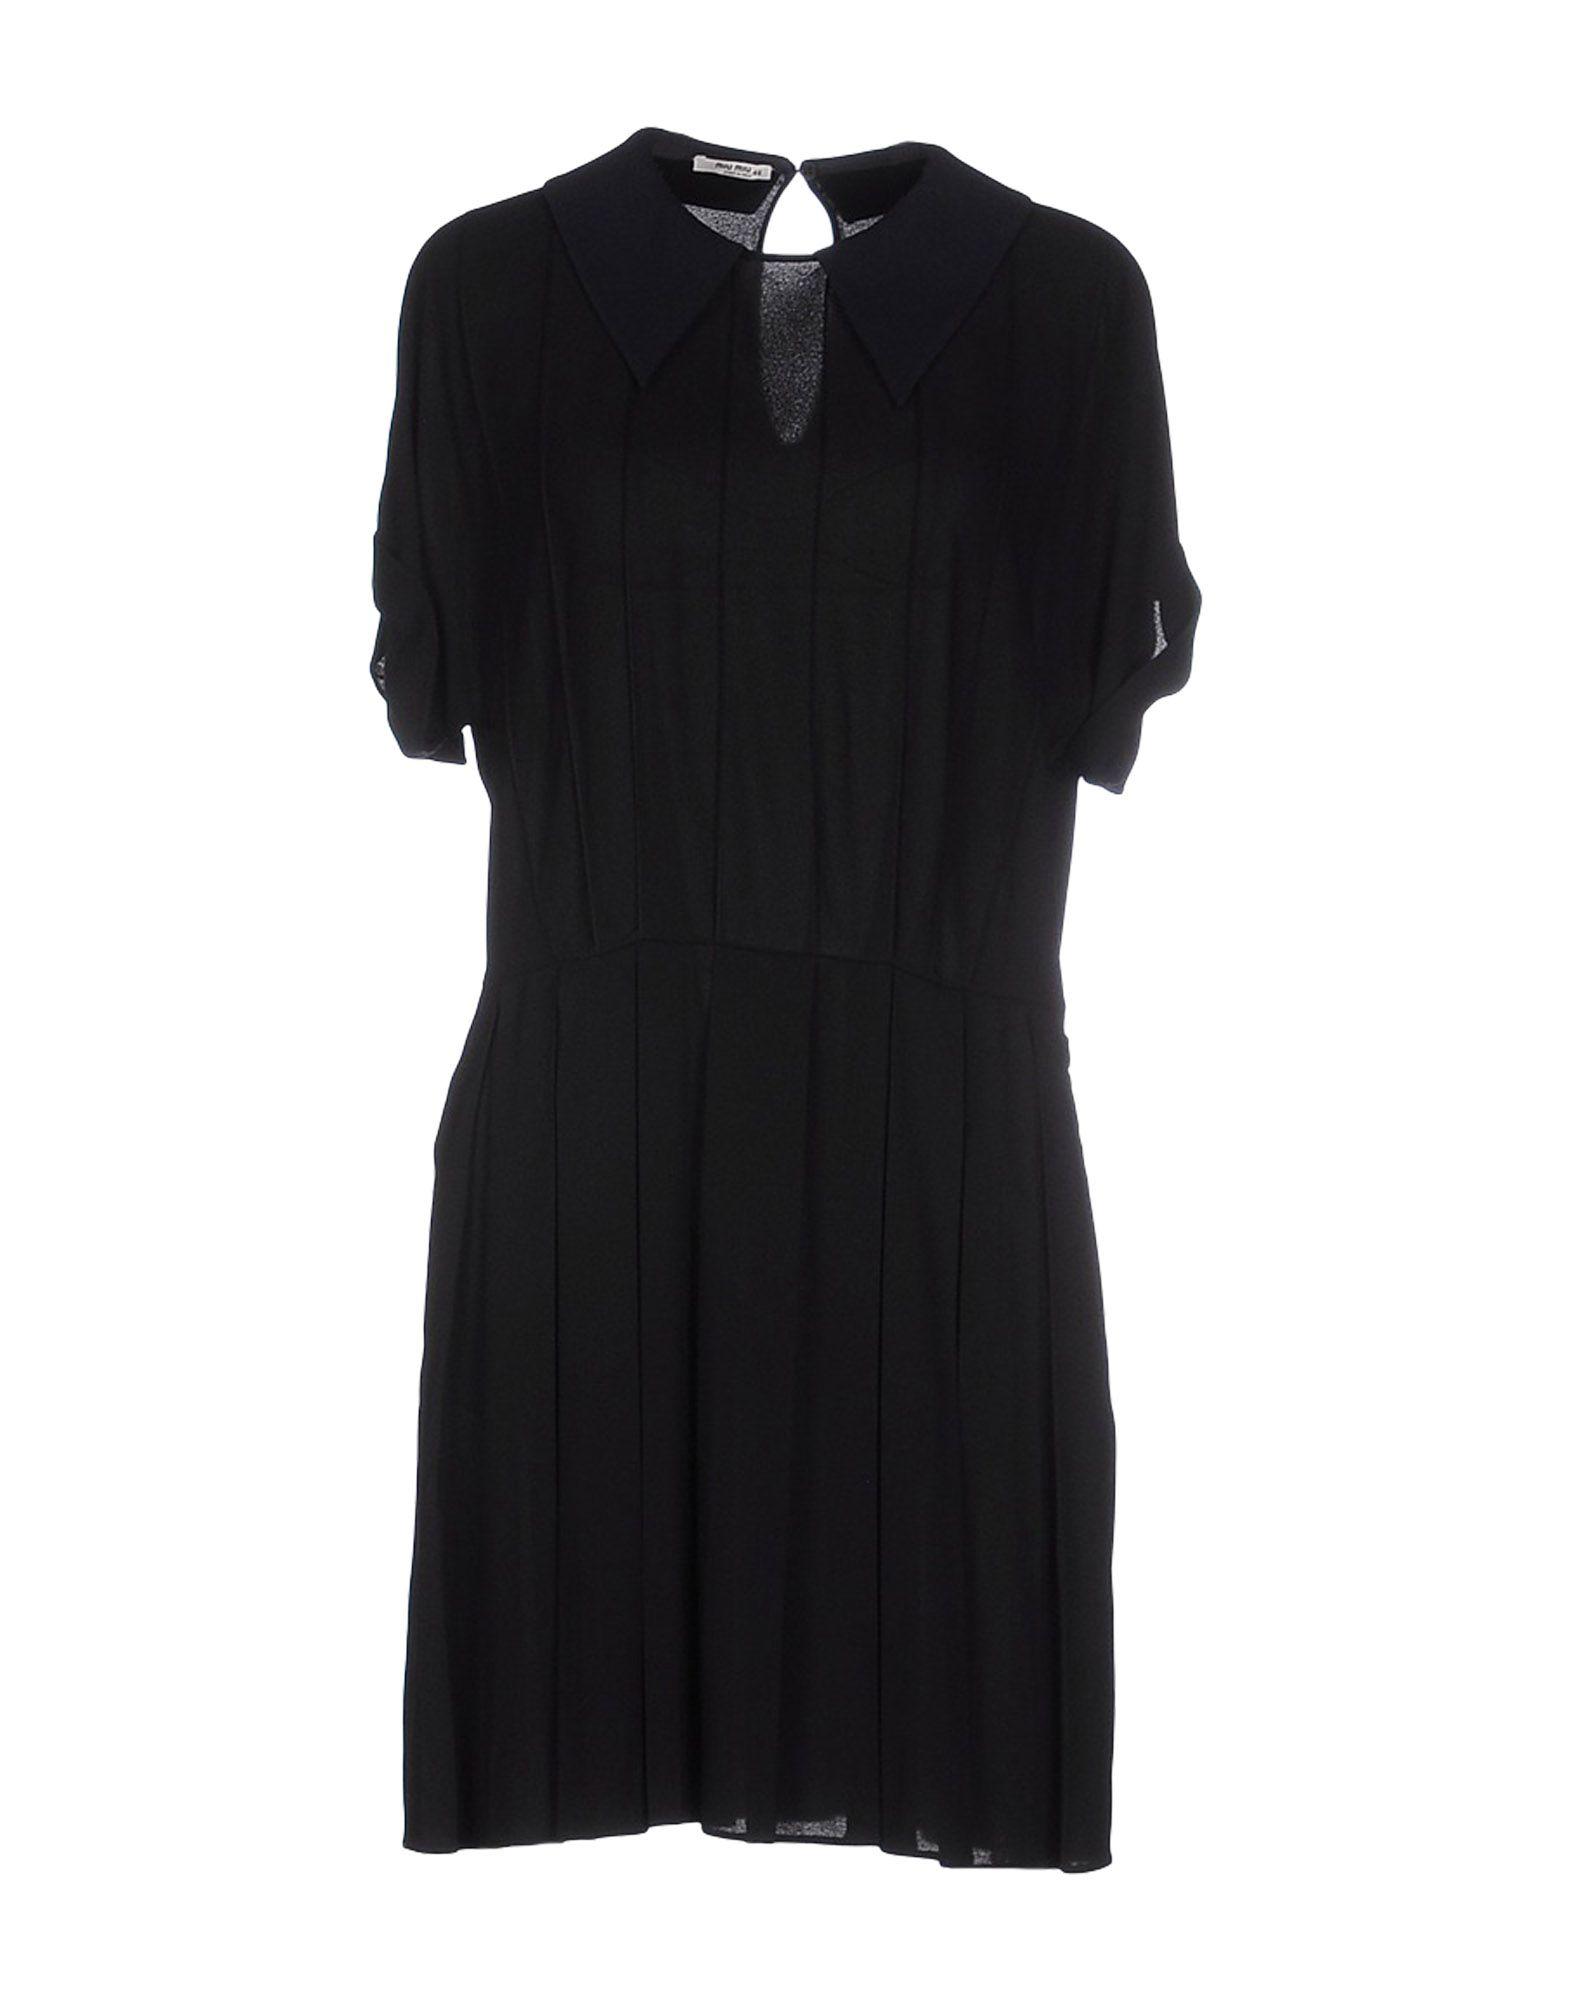 MIU MIU Короткое платье miu miu бархатное платье